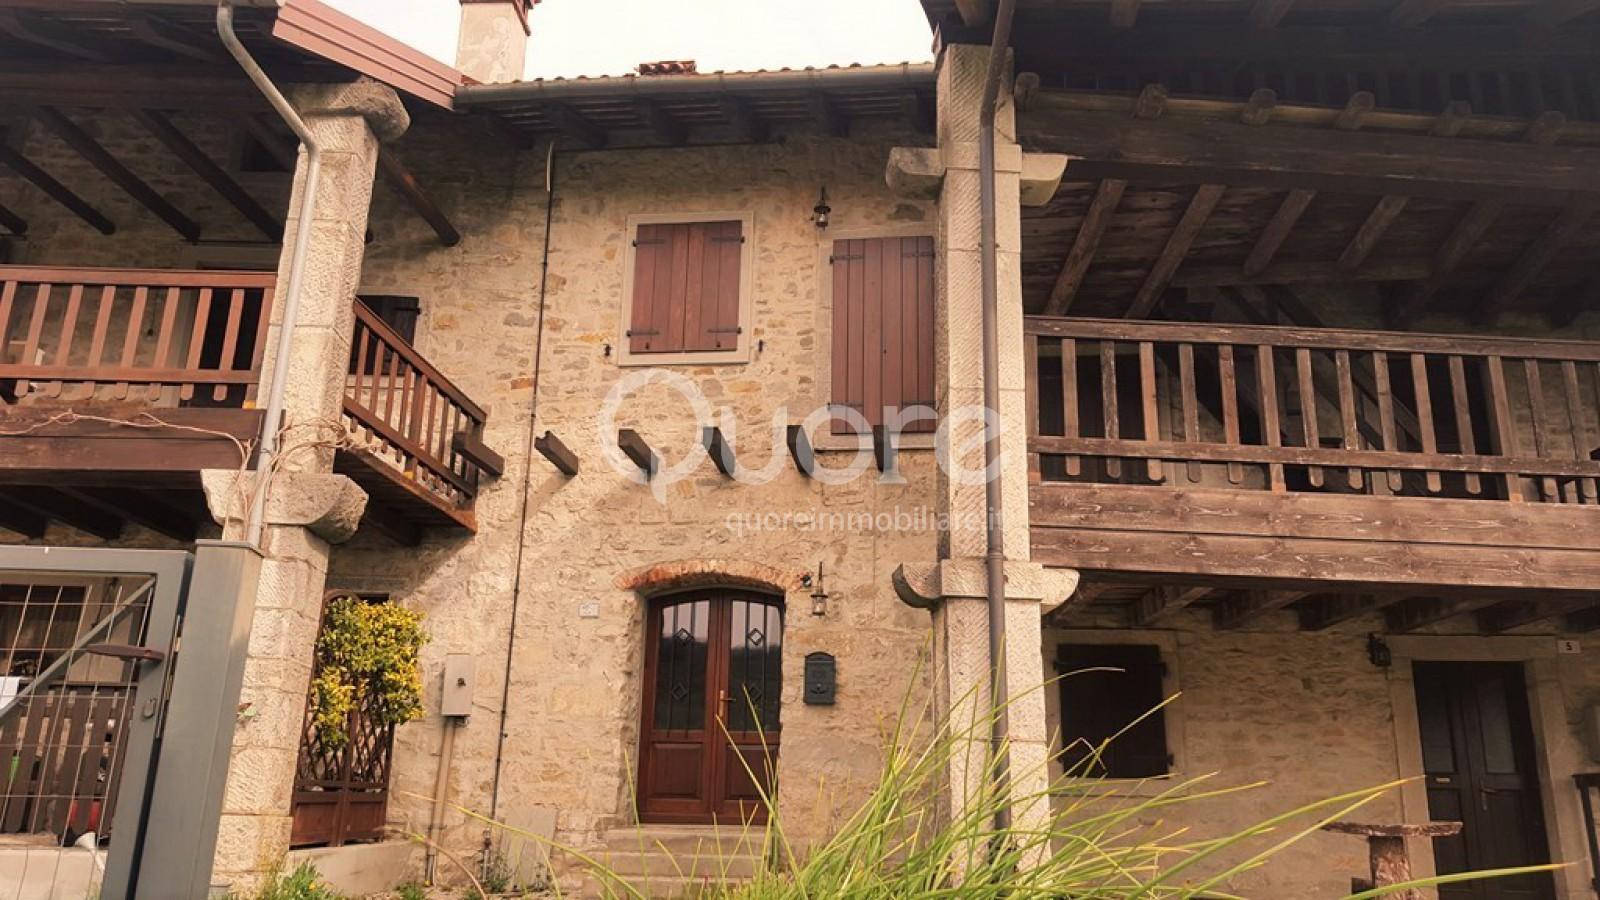 Soluzione Indipendente in vendita a Attimis, 5 locali, zona Zona: Forame, prezzo € 110.000 | Cambio Casa.it